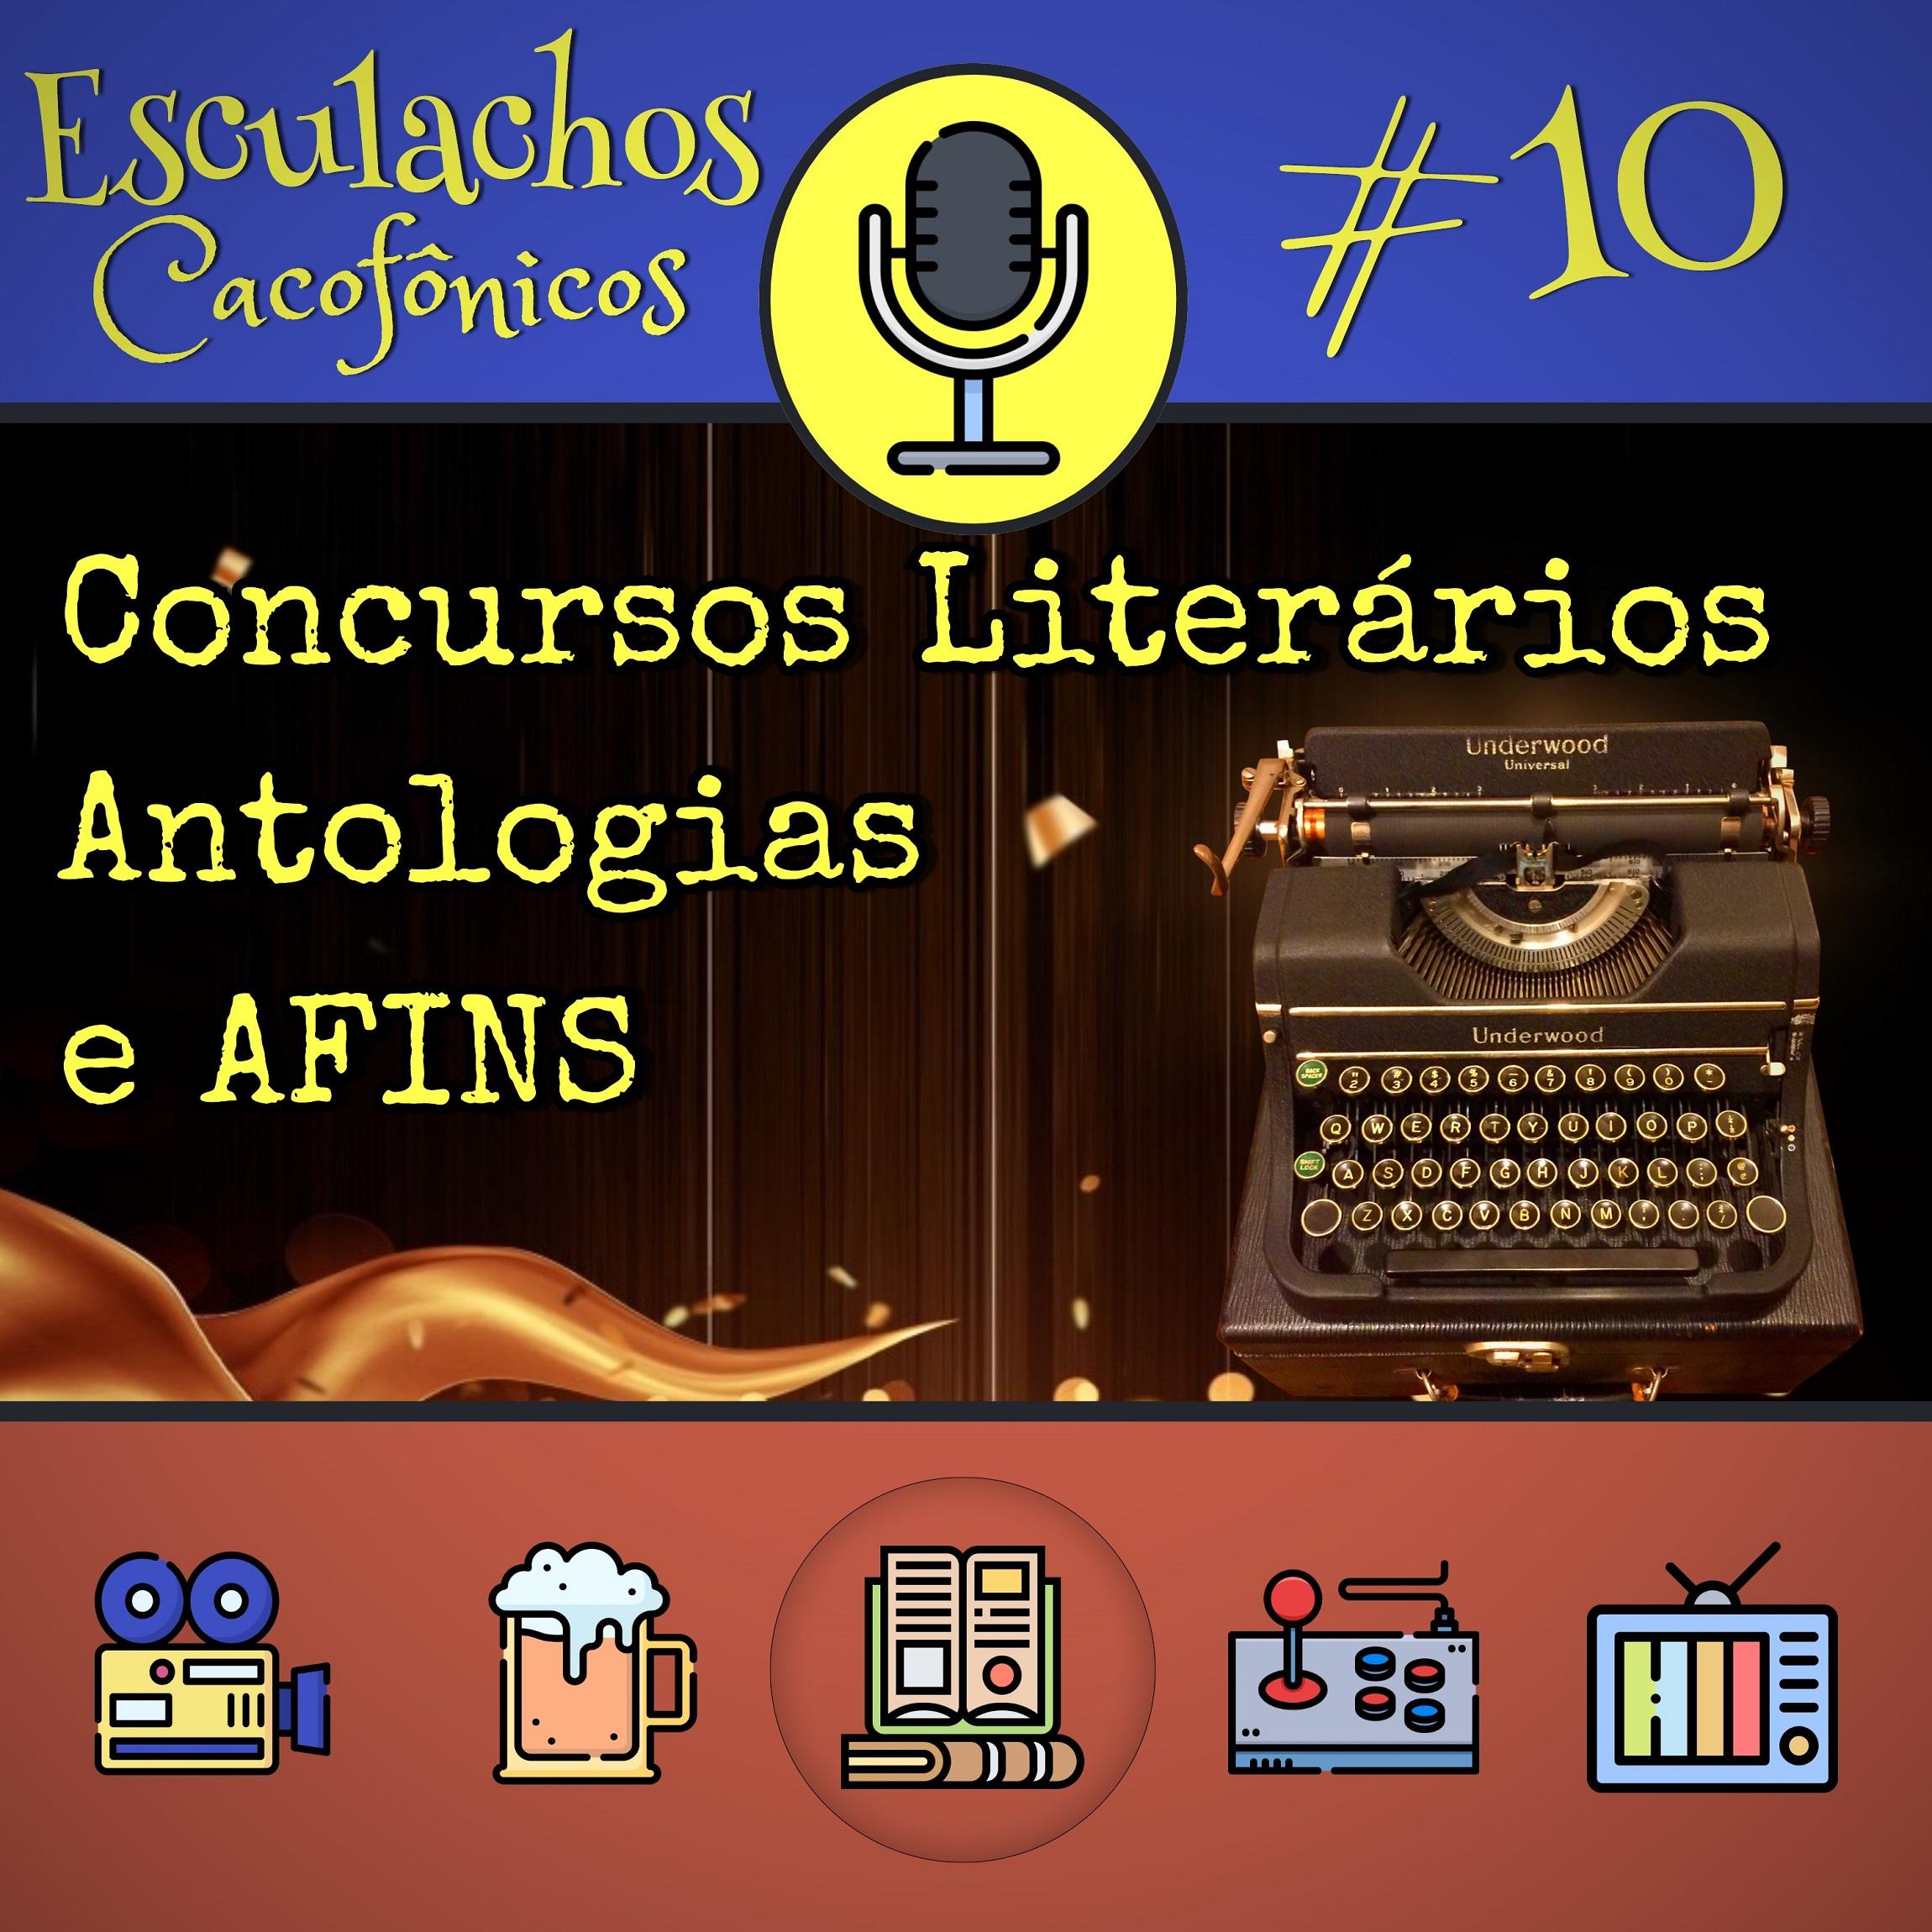 EP #10 - Concursos Literários, Antologias e AFINS